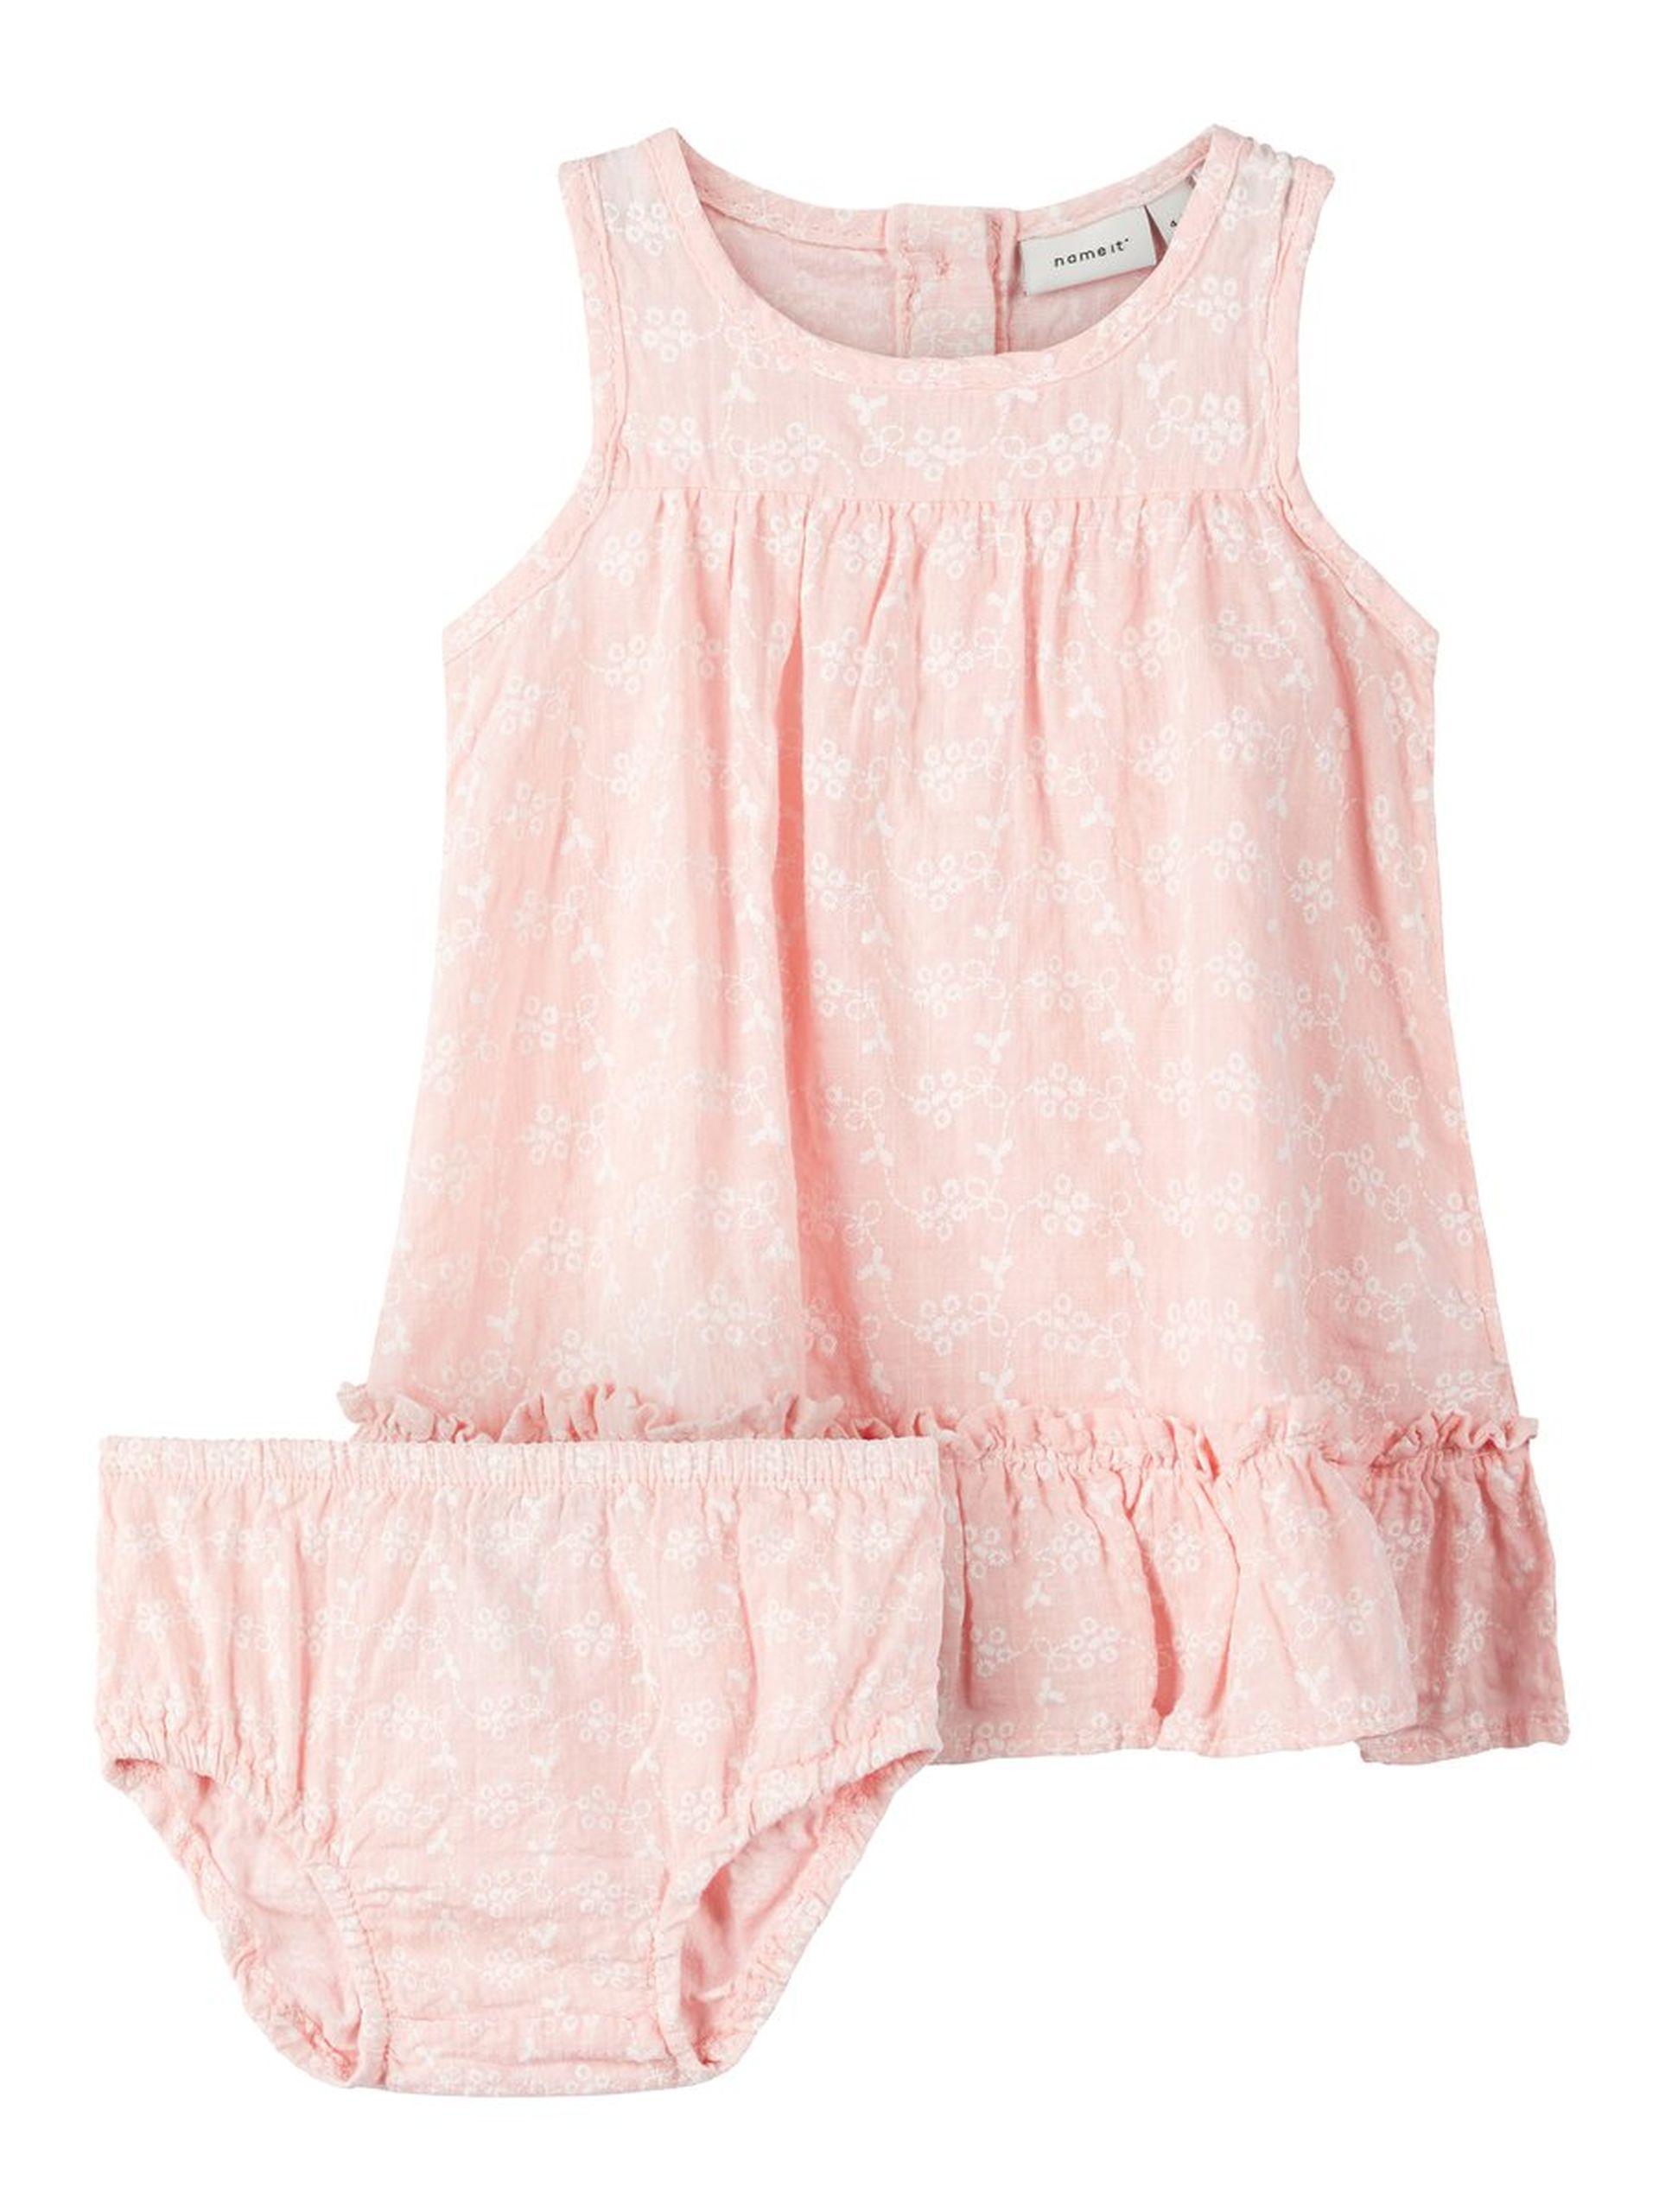 3ce38472 Name It kjole baby, rosa kjole med matchende truse. Kjole til baby ...